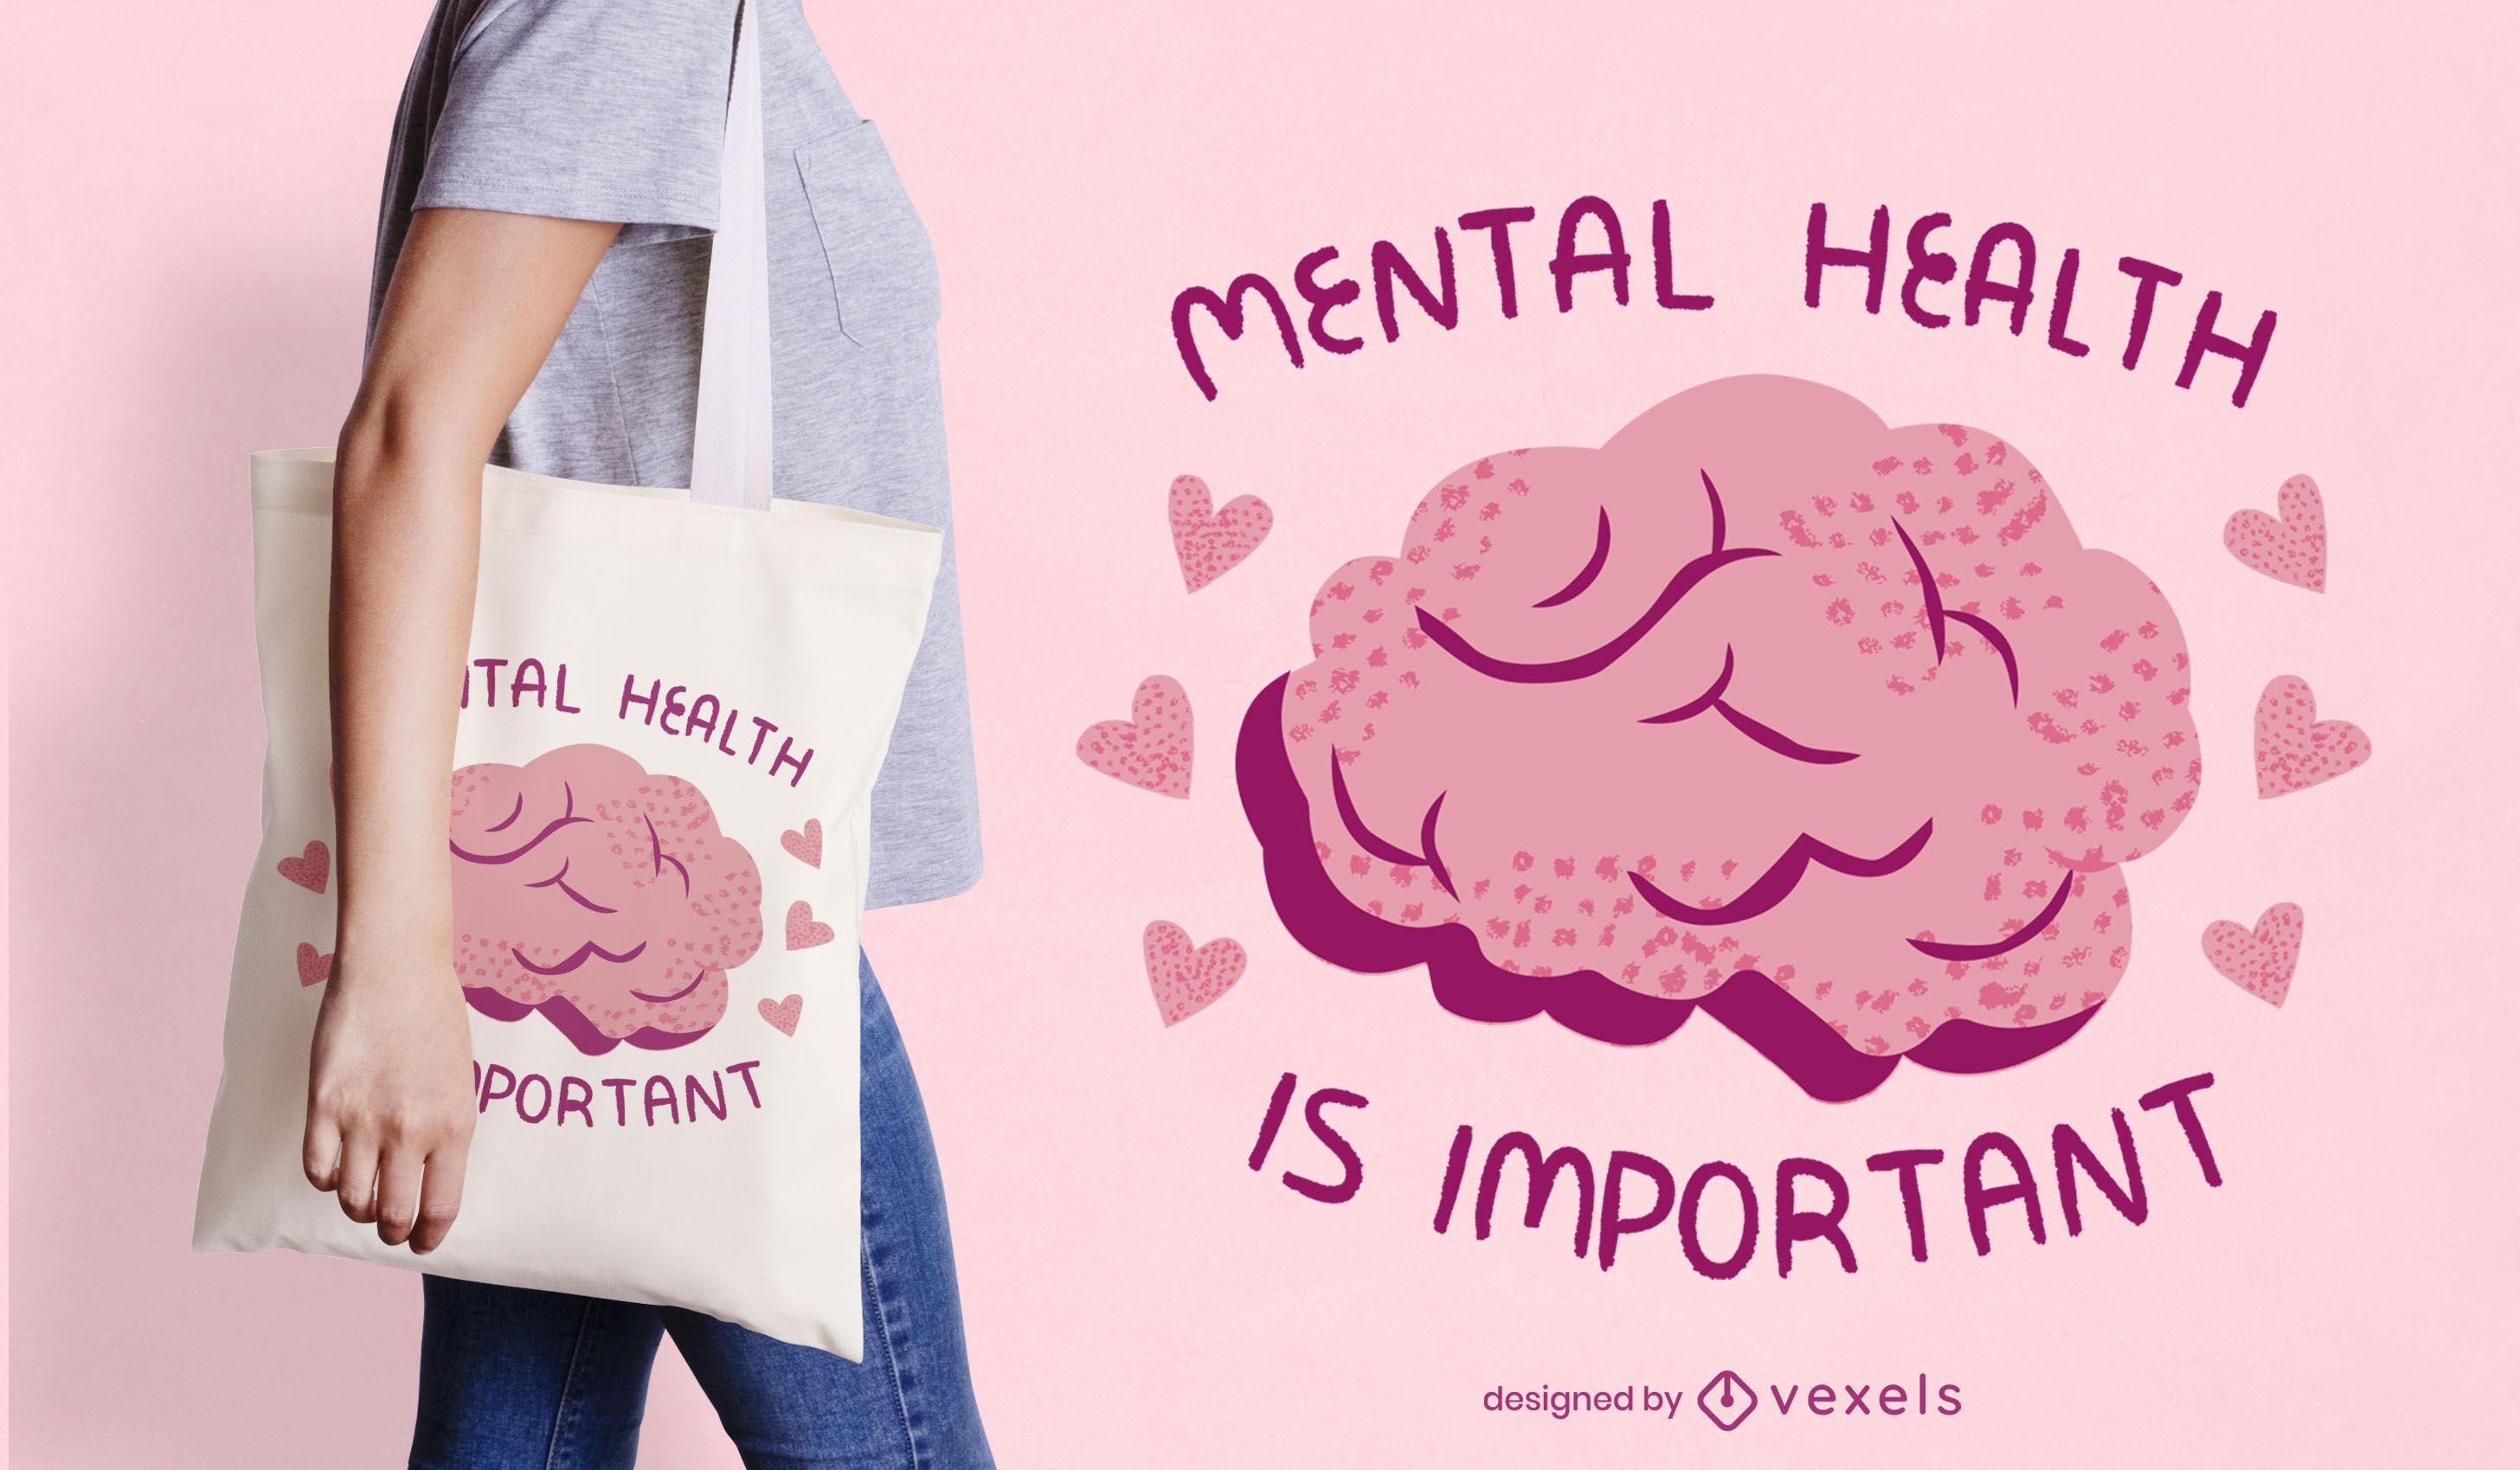 Design der Einkaufstasche f?r die psychische Gesundheit des menschlichen Gehirns